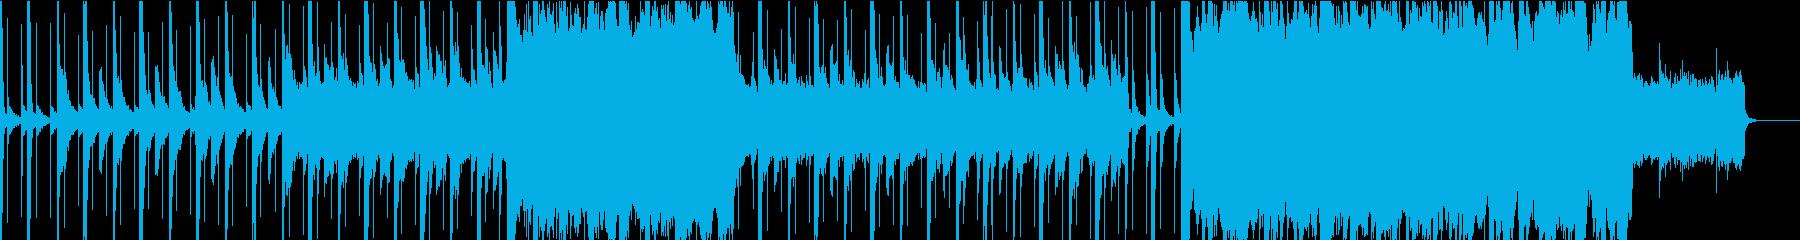 --チルアウト--エモいR&B、TRAPの再生済みの波形